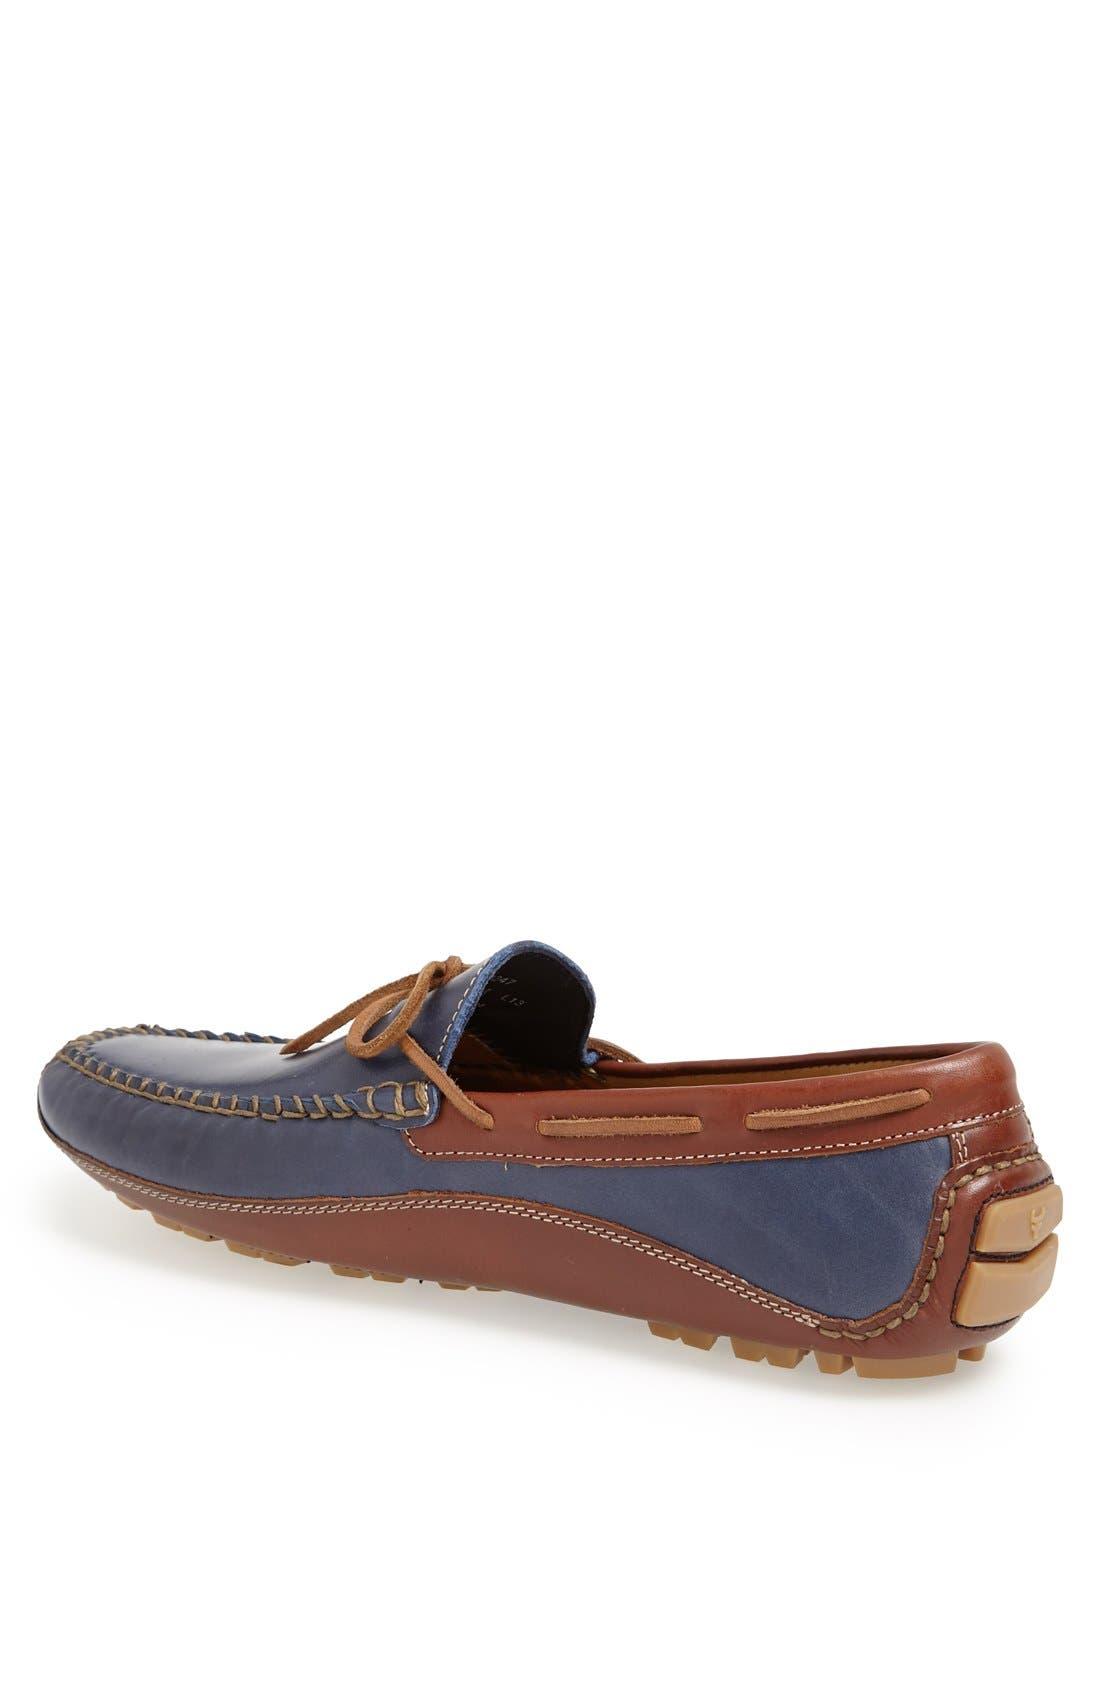 'Drake' Leather Driving Shoe,                             Alternate thumbnail 25, color,